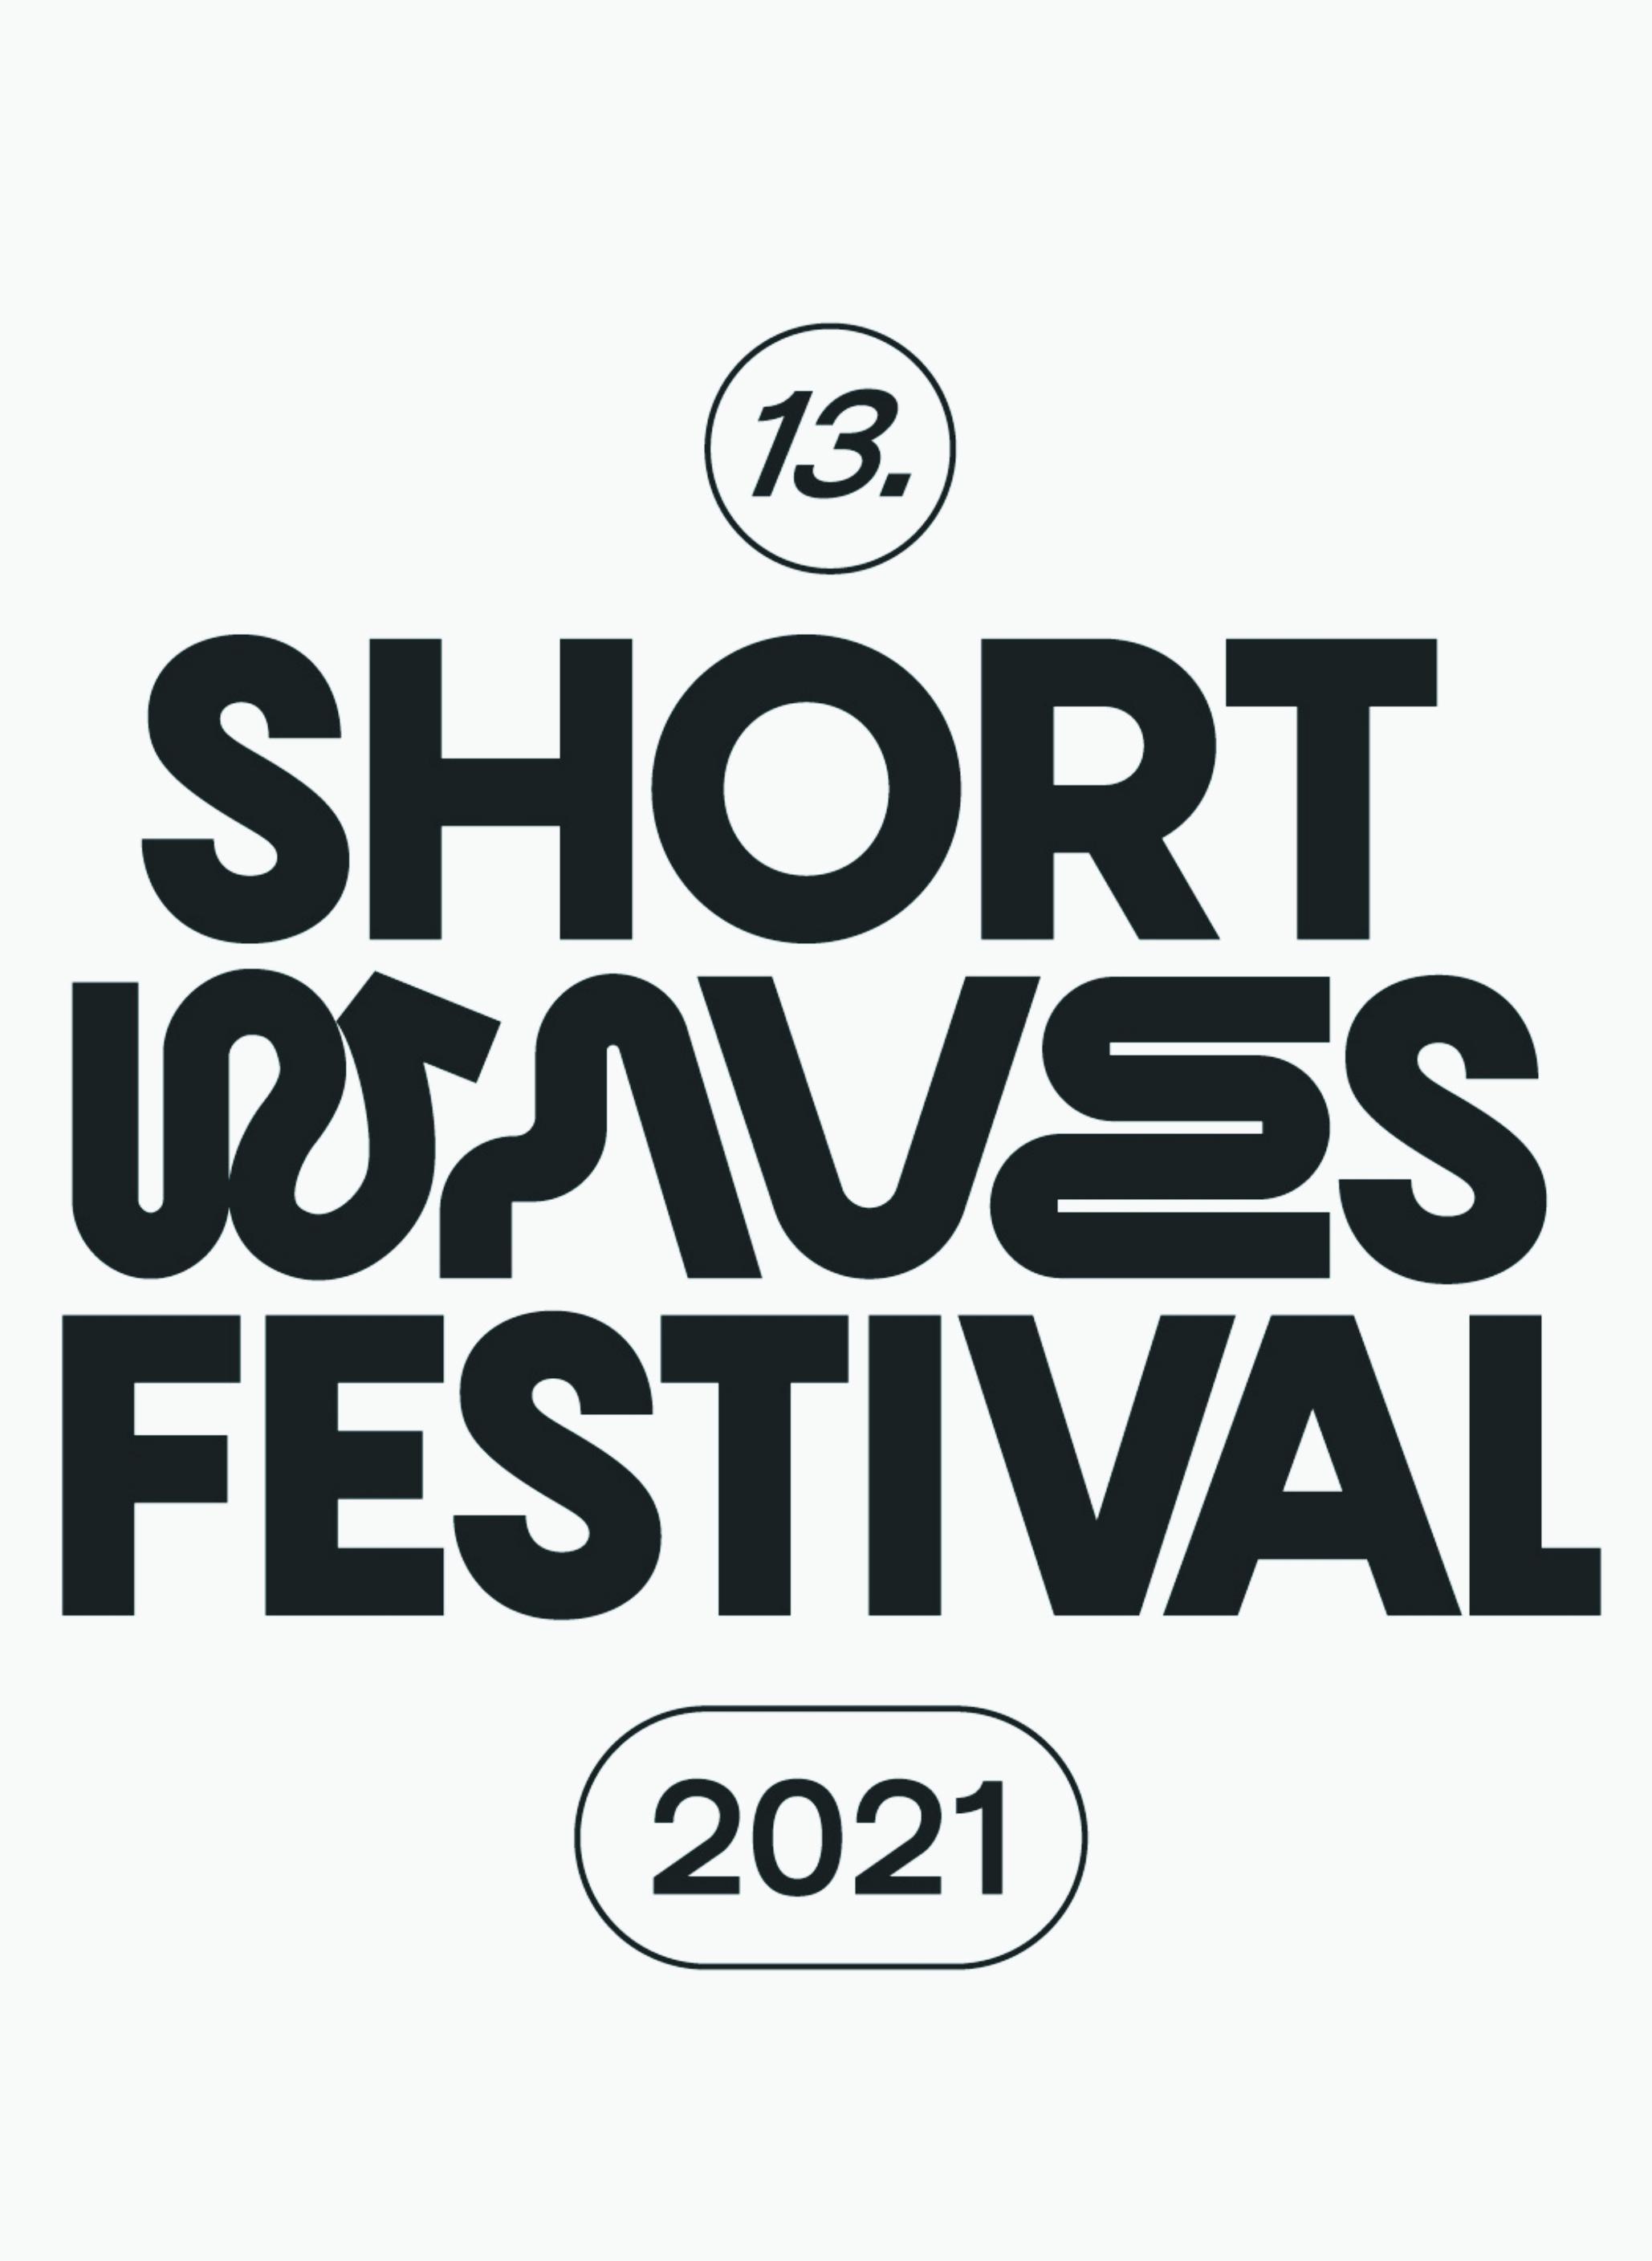 Short Waves Festival 2021 - Four Perspectives on Solidarity: Stając po stronie osób bez praw